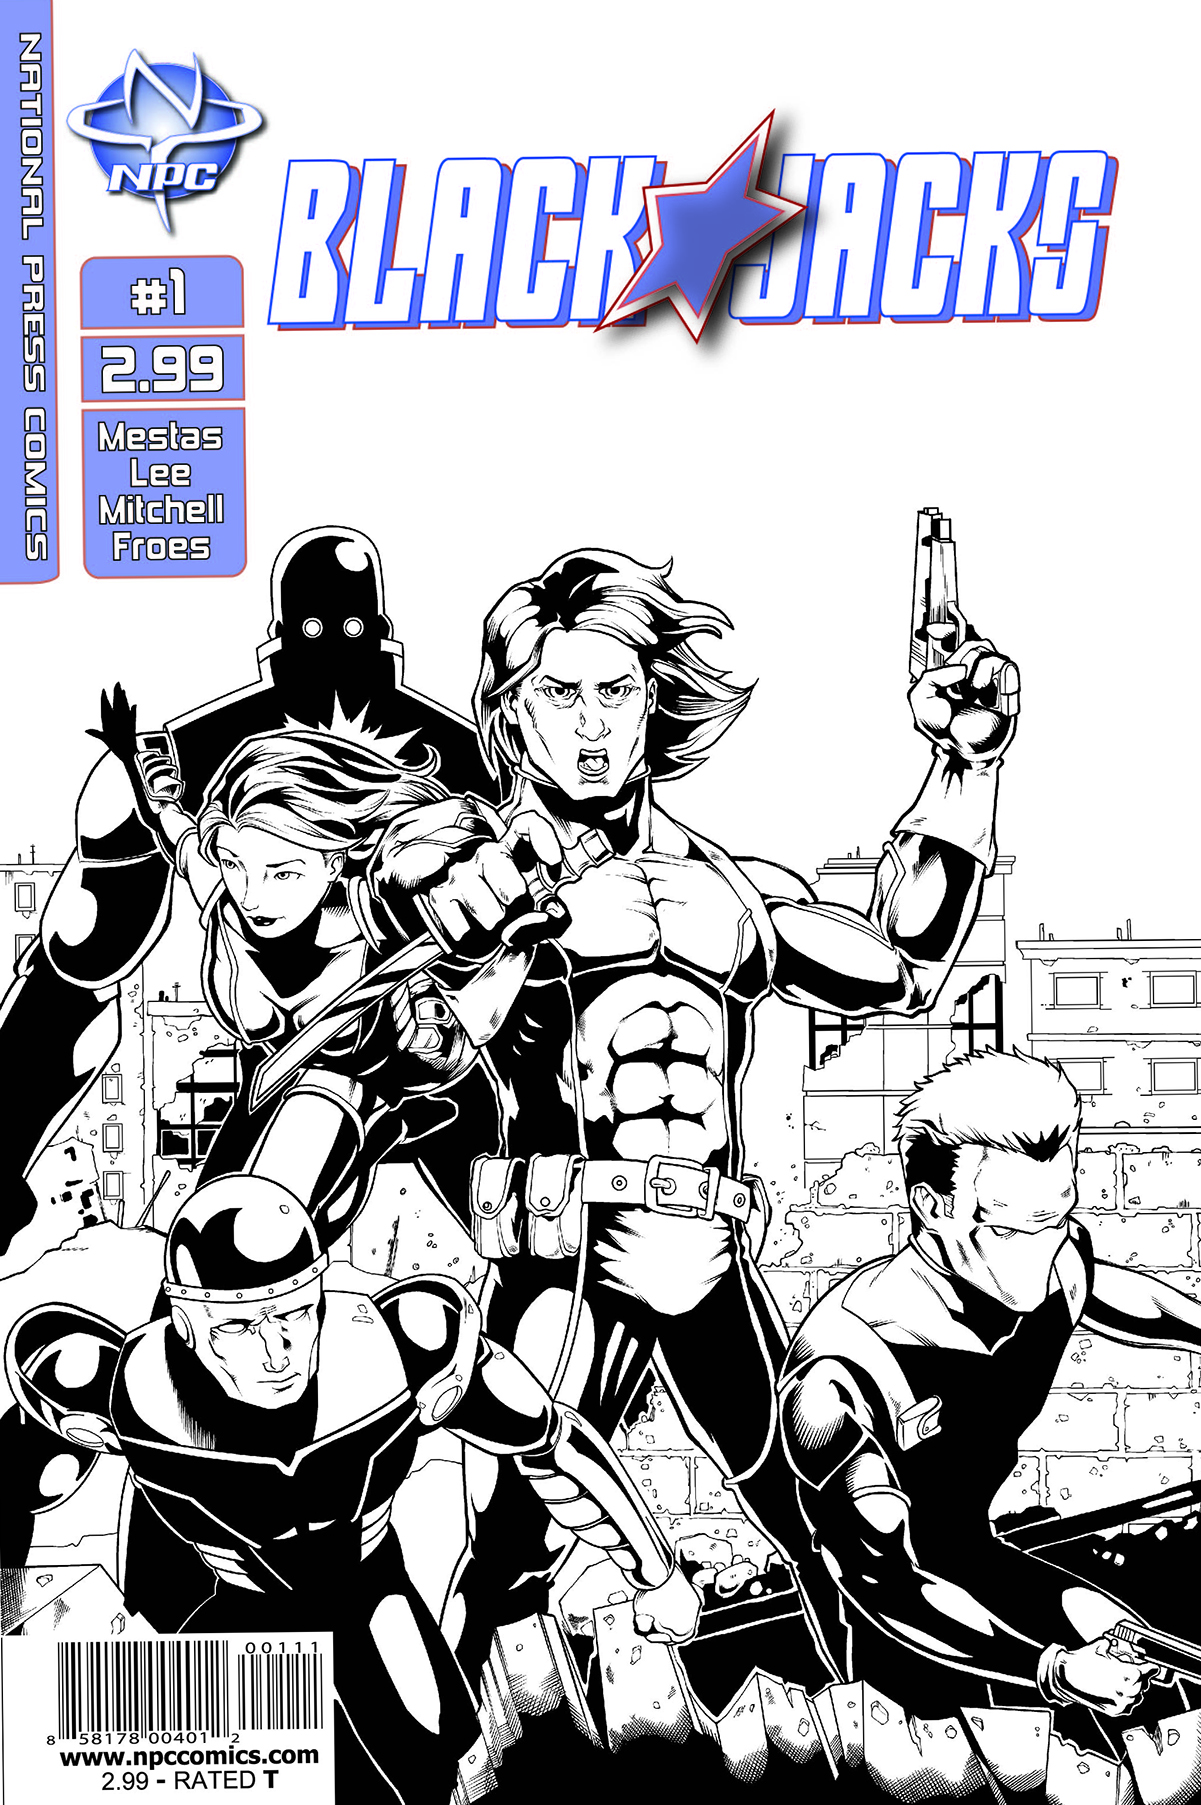 Blackjacks Issue #1 Cover